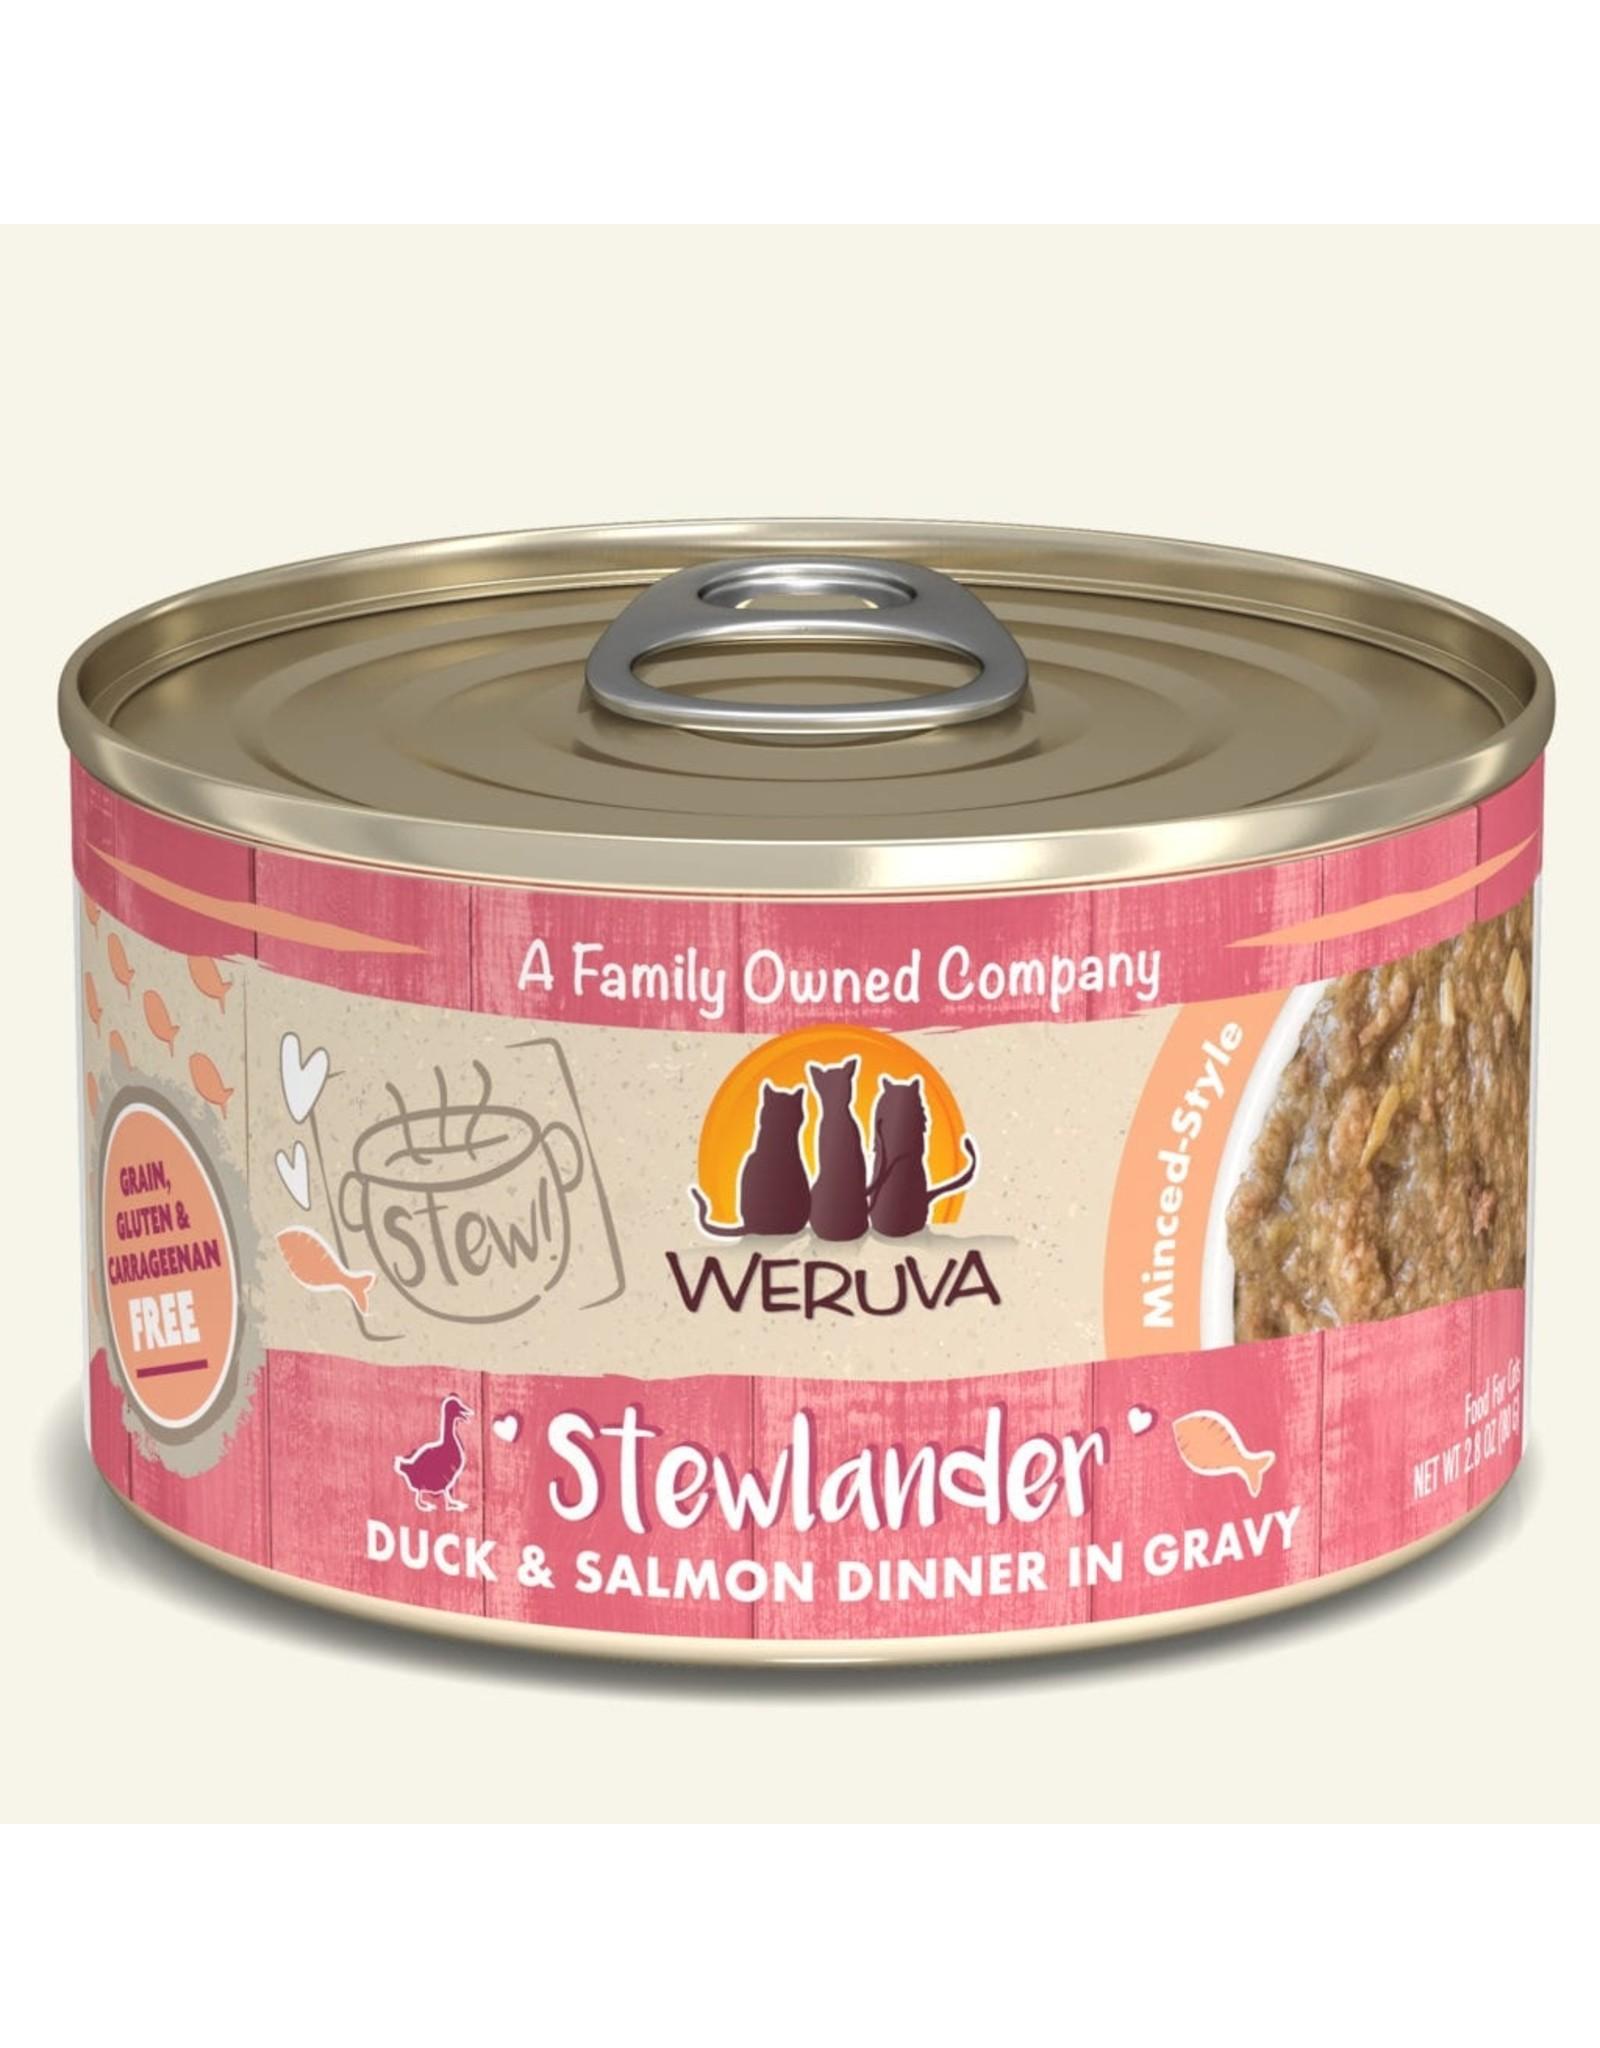 Weruva Weruva Stewlander Duck & Salmon Dinner in Gravy Cat Food 2.8oz